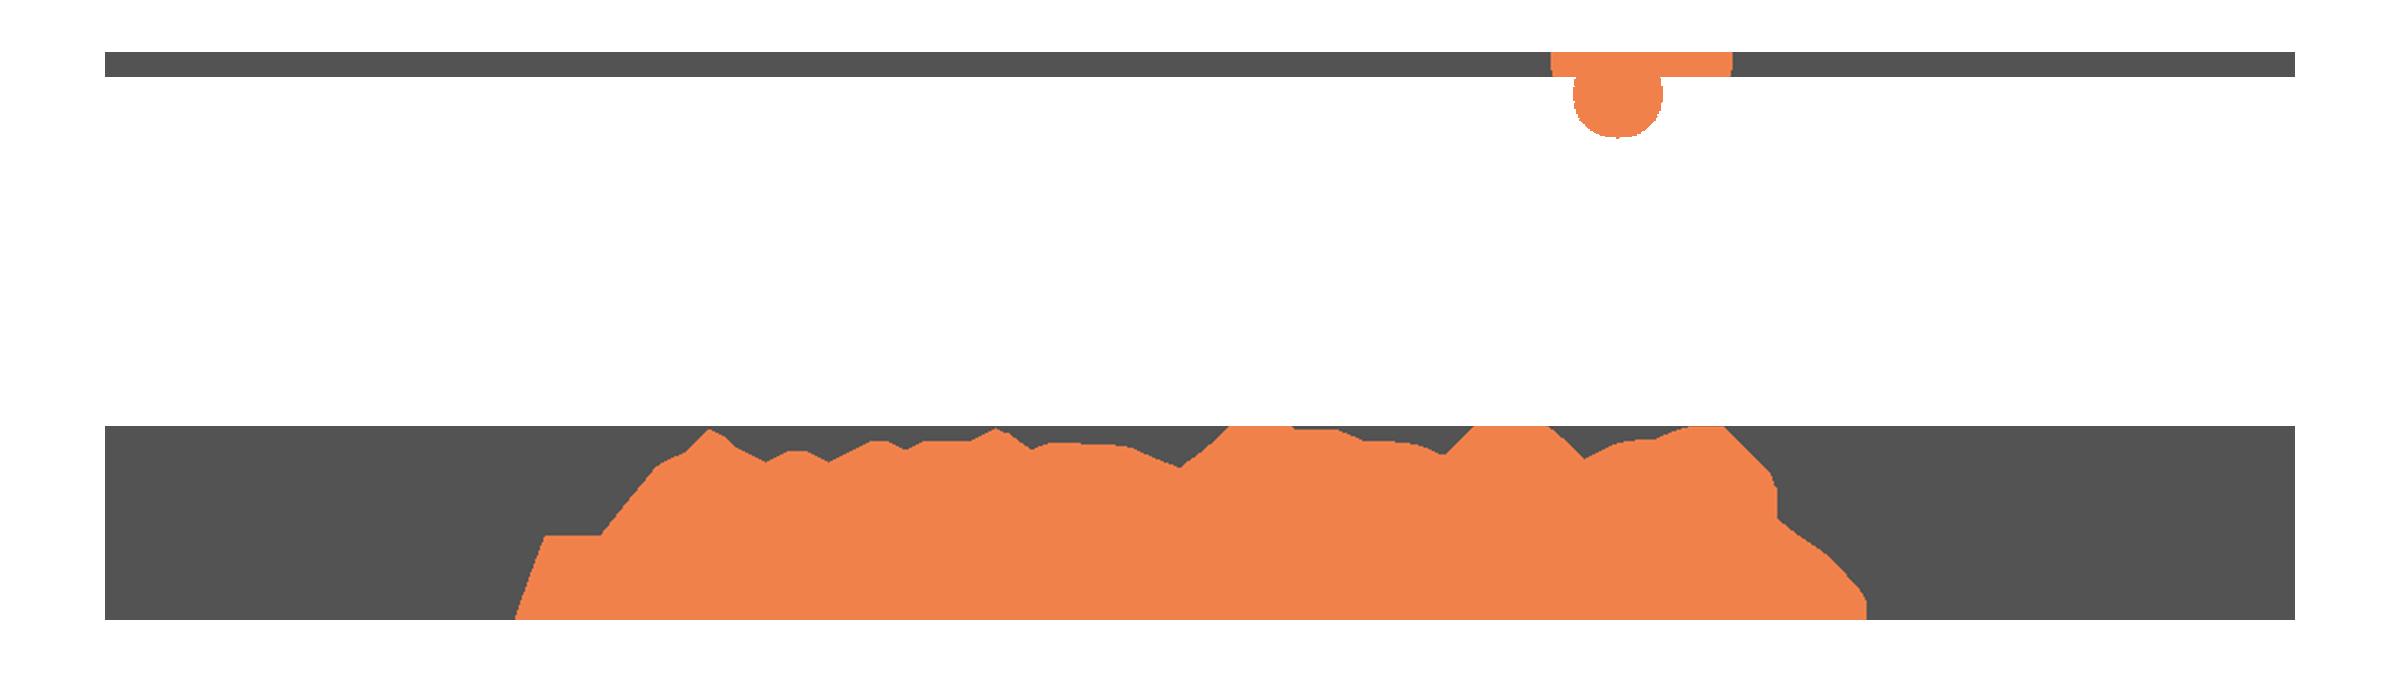 Prestige WebApps